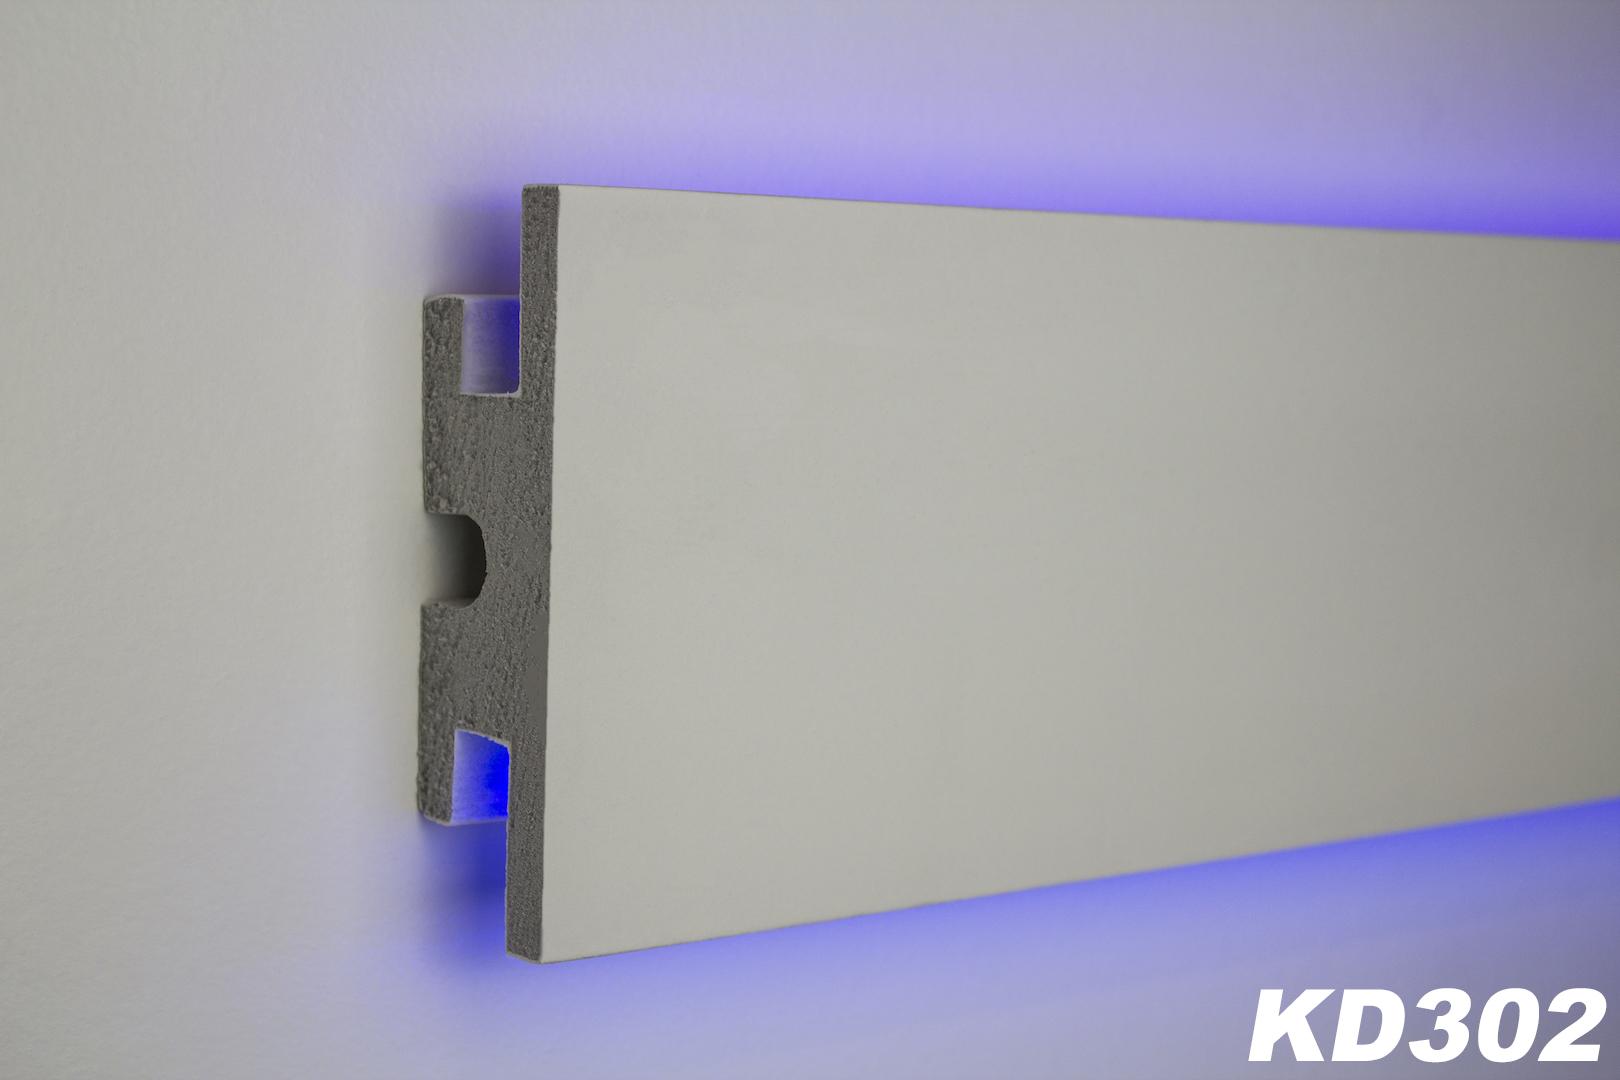 1 15 meter led stuckleiste f r indirekte beleuchtung xps 120x40 kd302 ebay. Black Bedroom Furniture Sets. Home Design Ideas